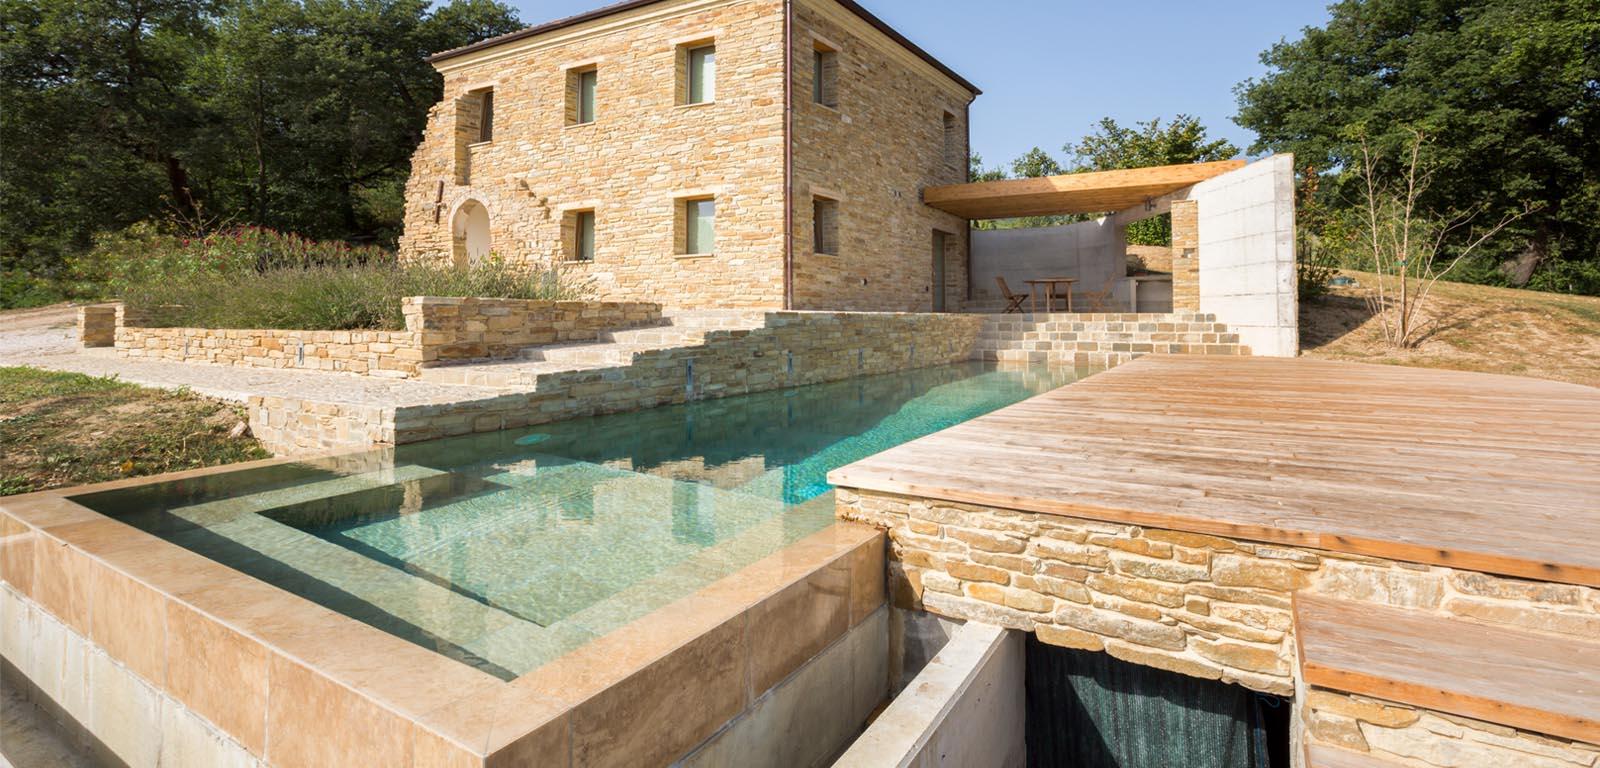 Piscine da giardino oasi di relax per casa tua piscine - Piscina fuori terra in pendenza ...